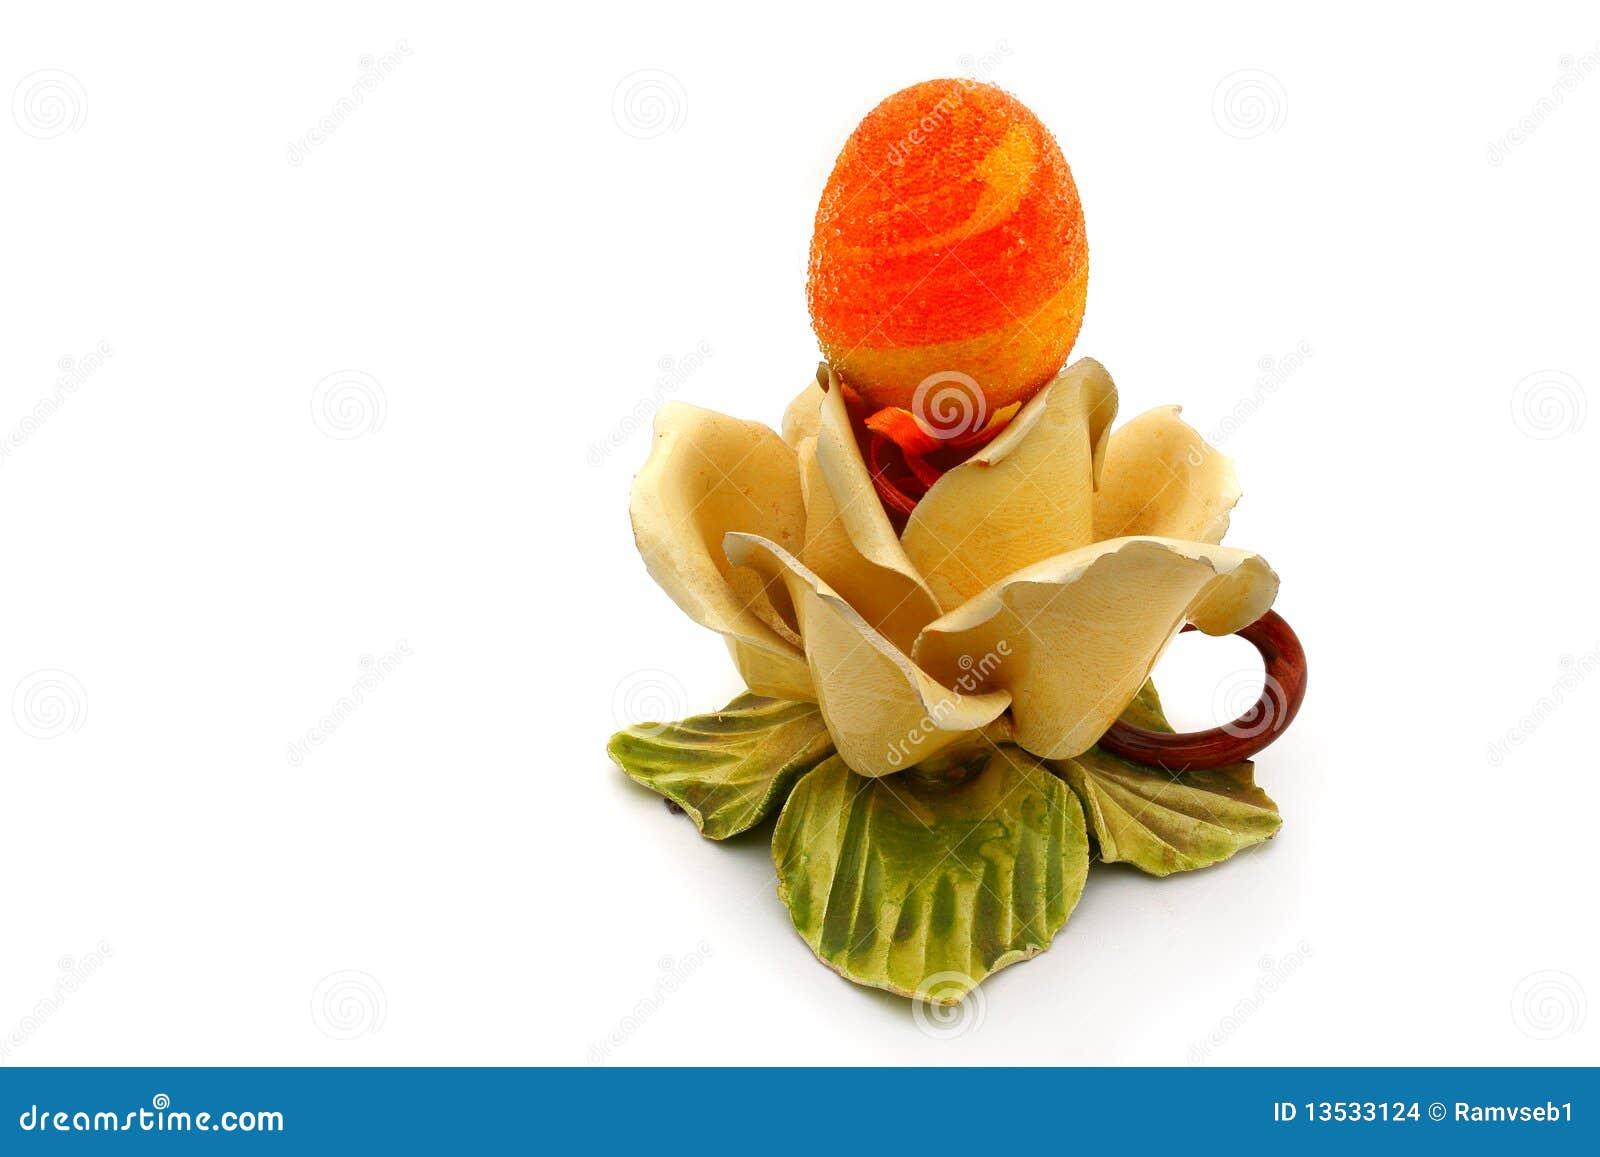 Uova Di Pasqua Ceramica.Uovo Di Pasqua Su Una Base Di Ceramica Fotografia Stock Immagine